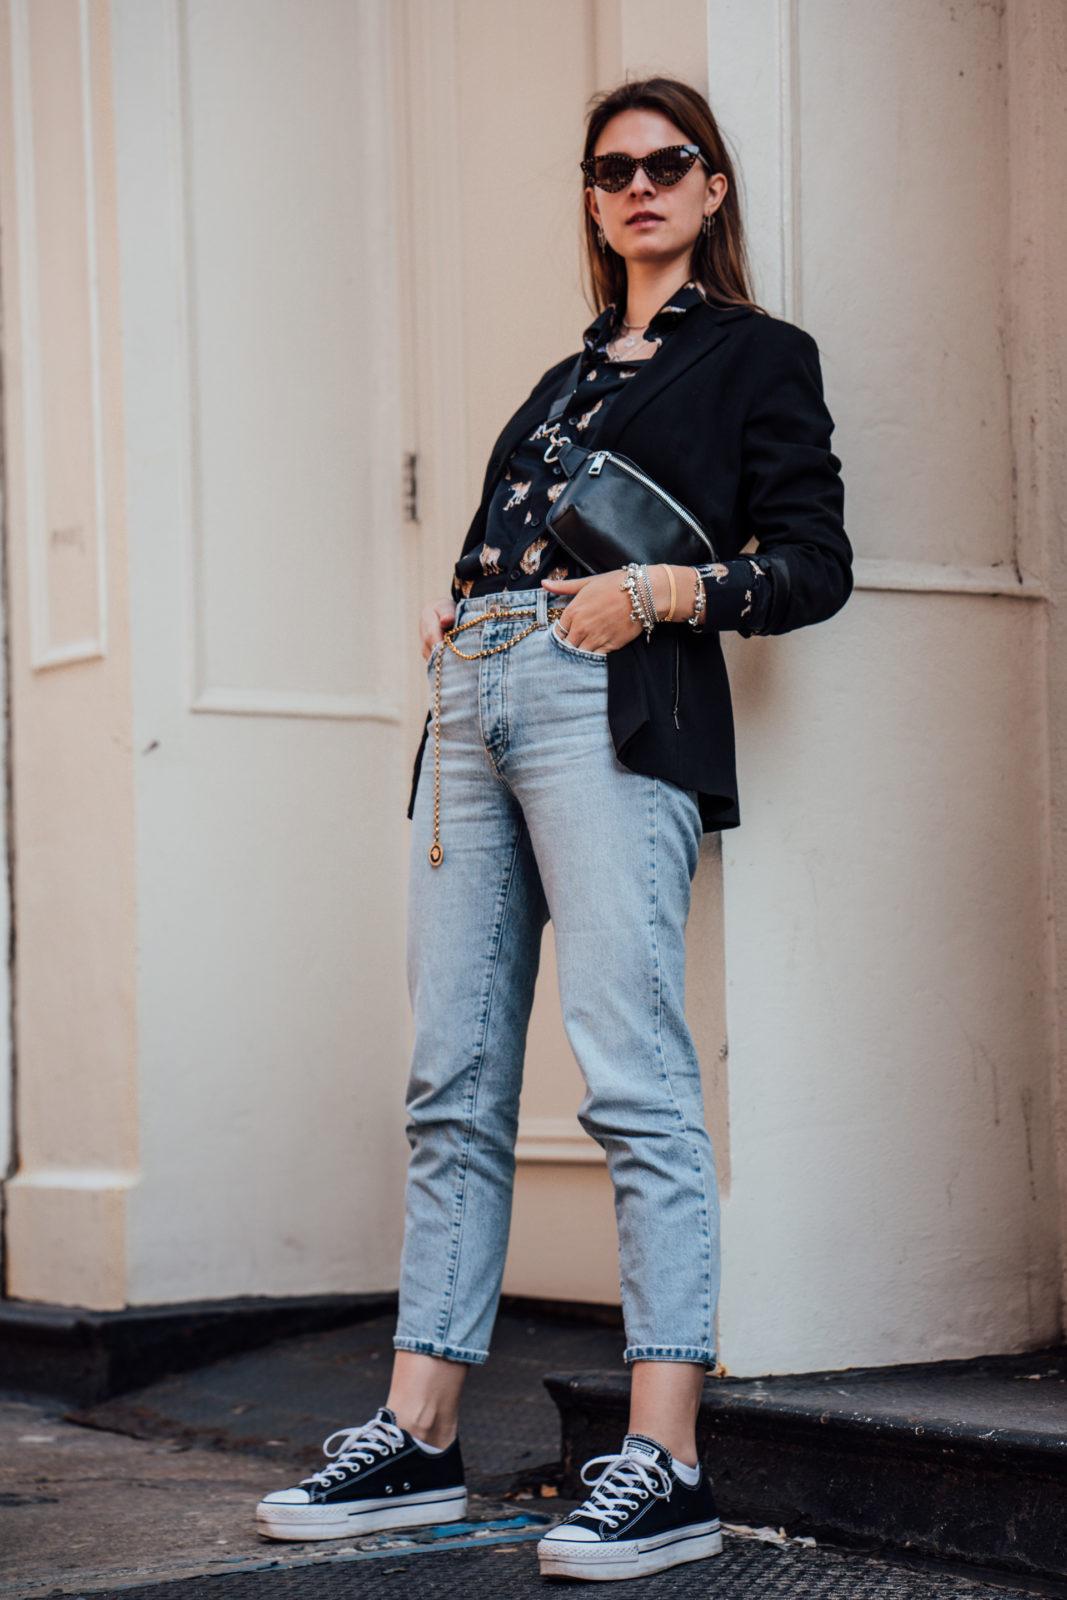 Wie trägt man schwarze SNeakers